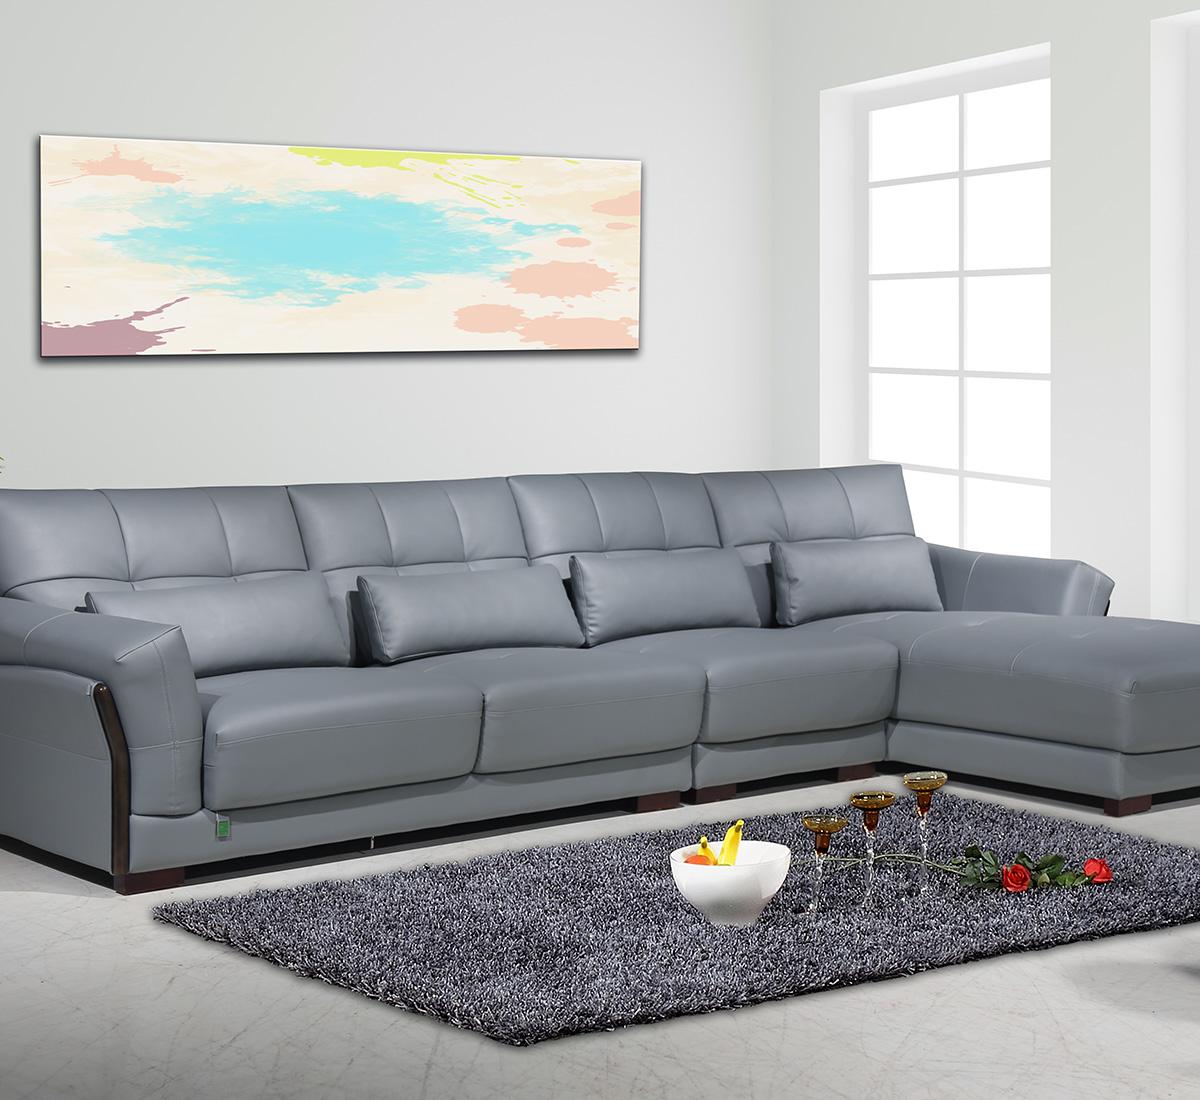 多功能沙发尺寸